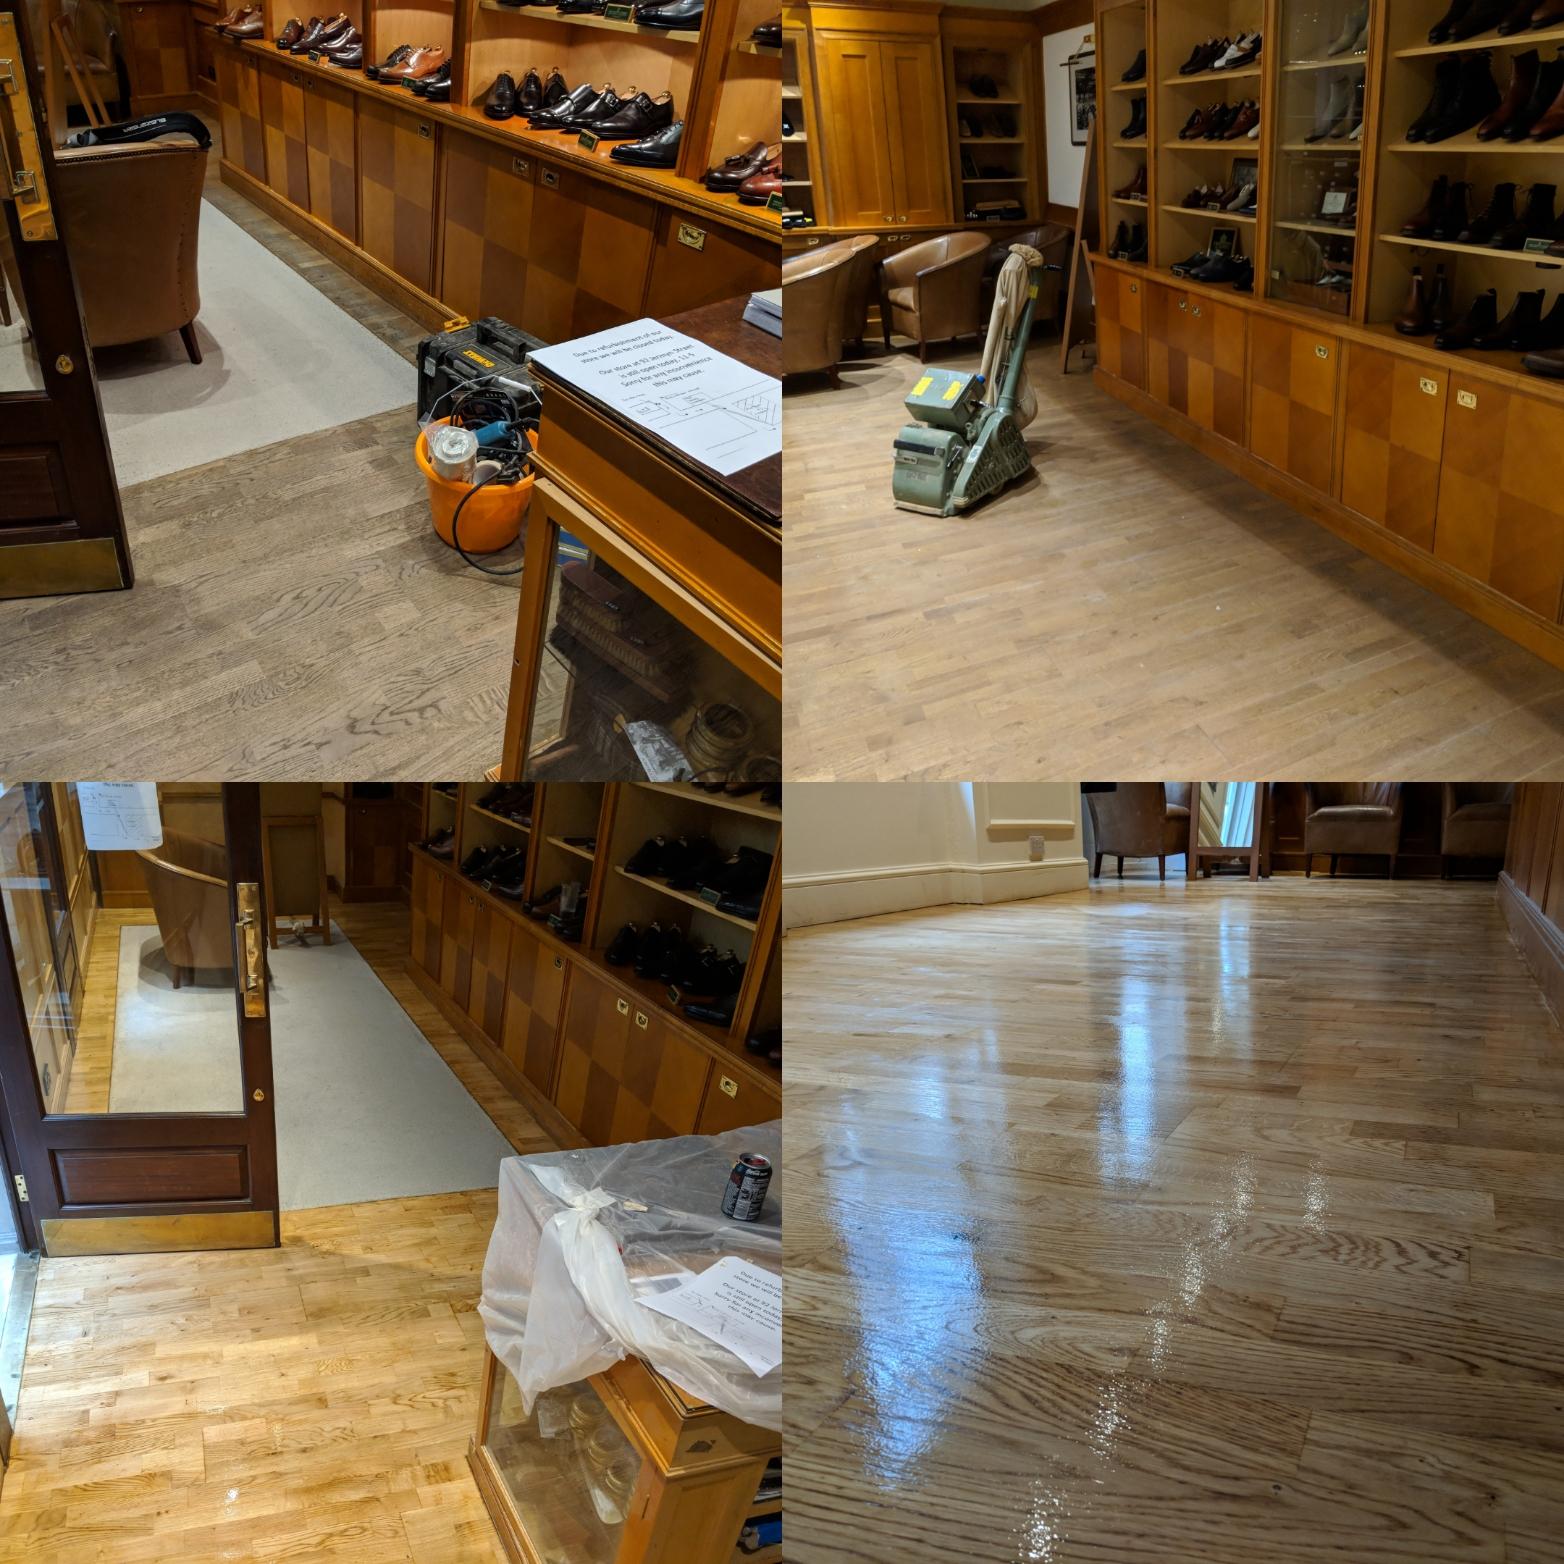 Crockett & Jones floor sanding